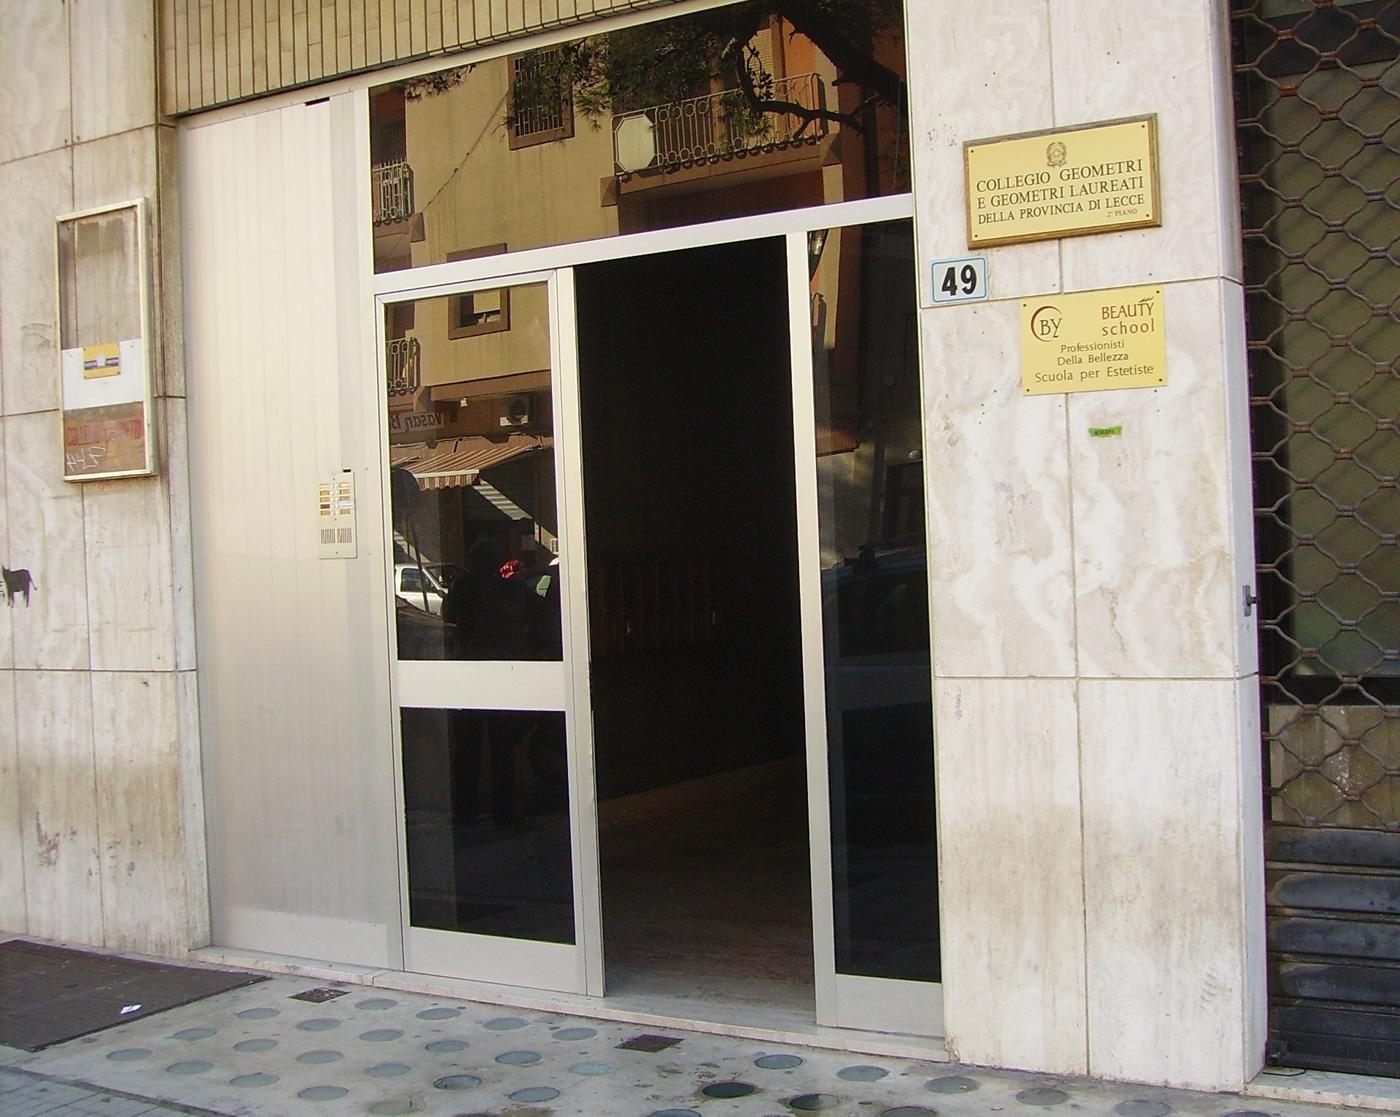 Prorogato l'Avviso pubblico di selezione per il rinnovo del Consiglio territoriale di disciplina